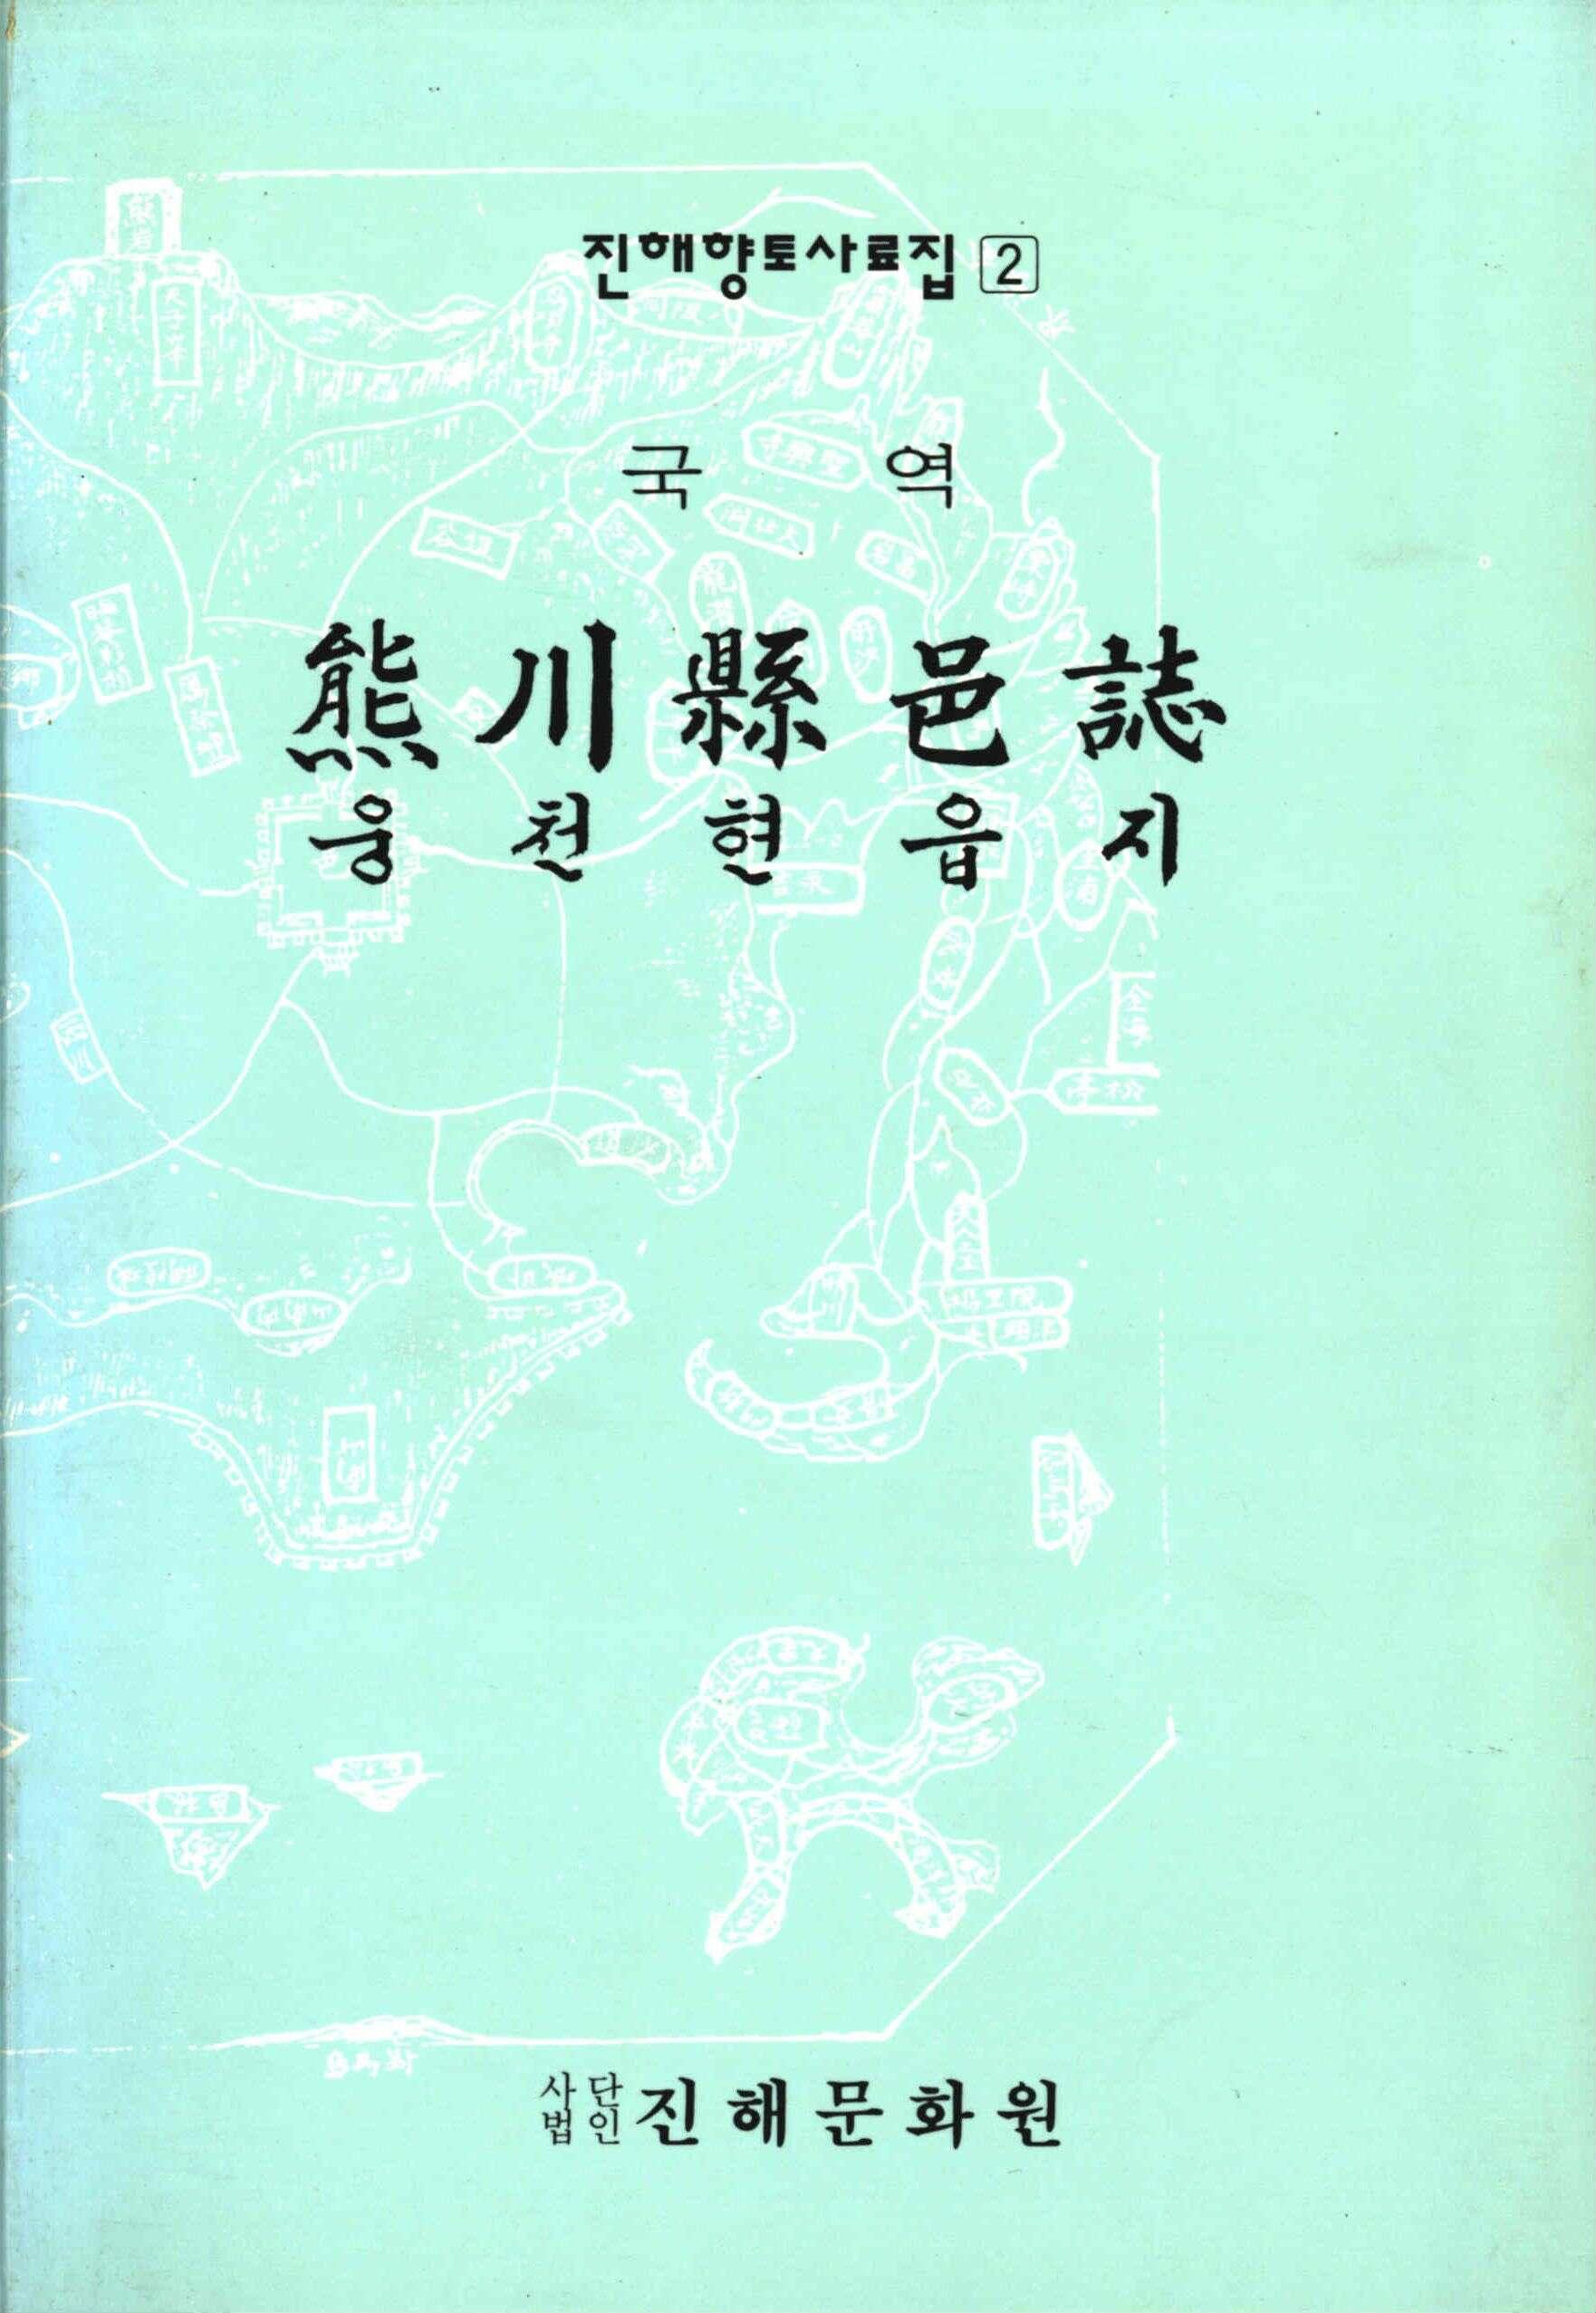 熊川縣 邑誌(웅천현 읍지)